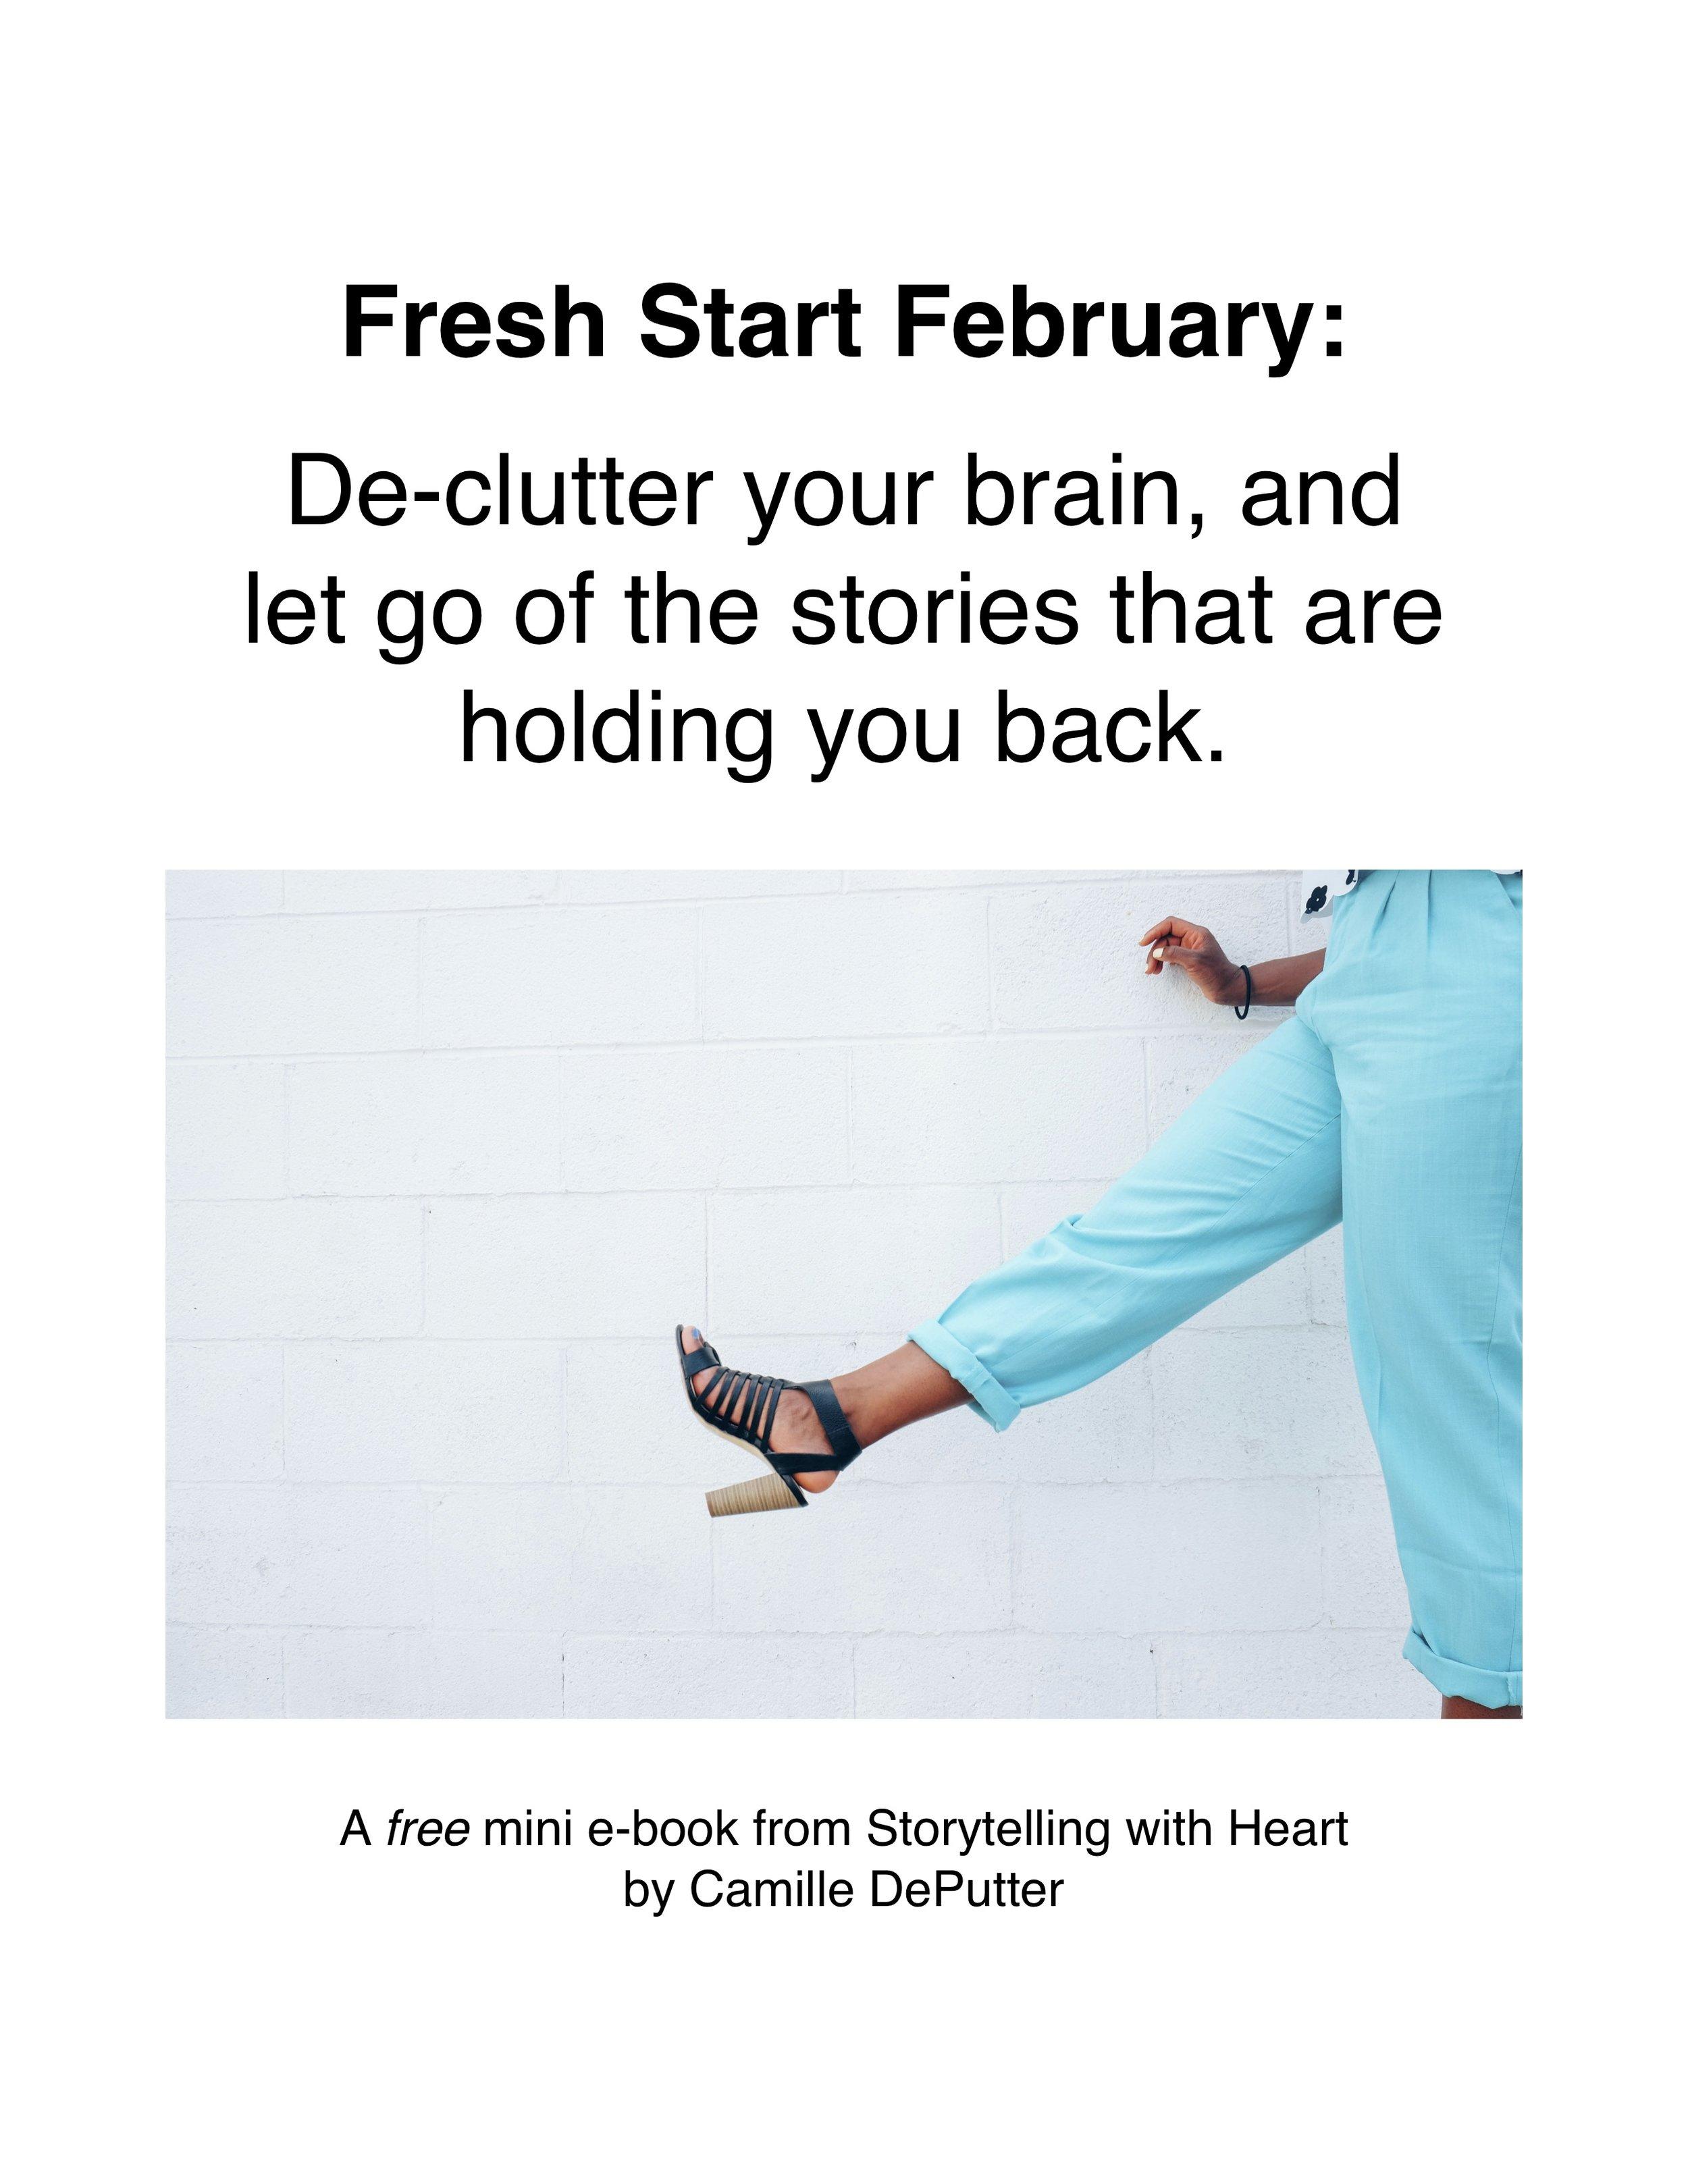 Fresh Start February - cover.jpg